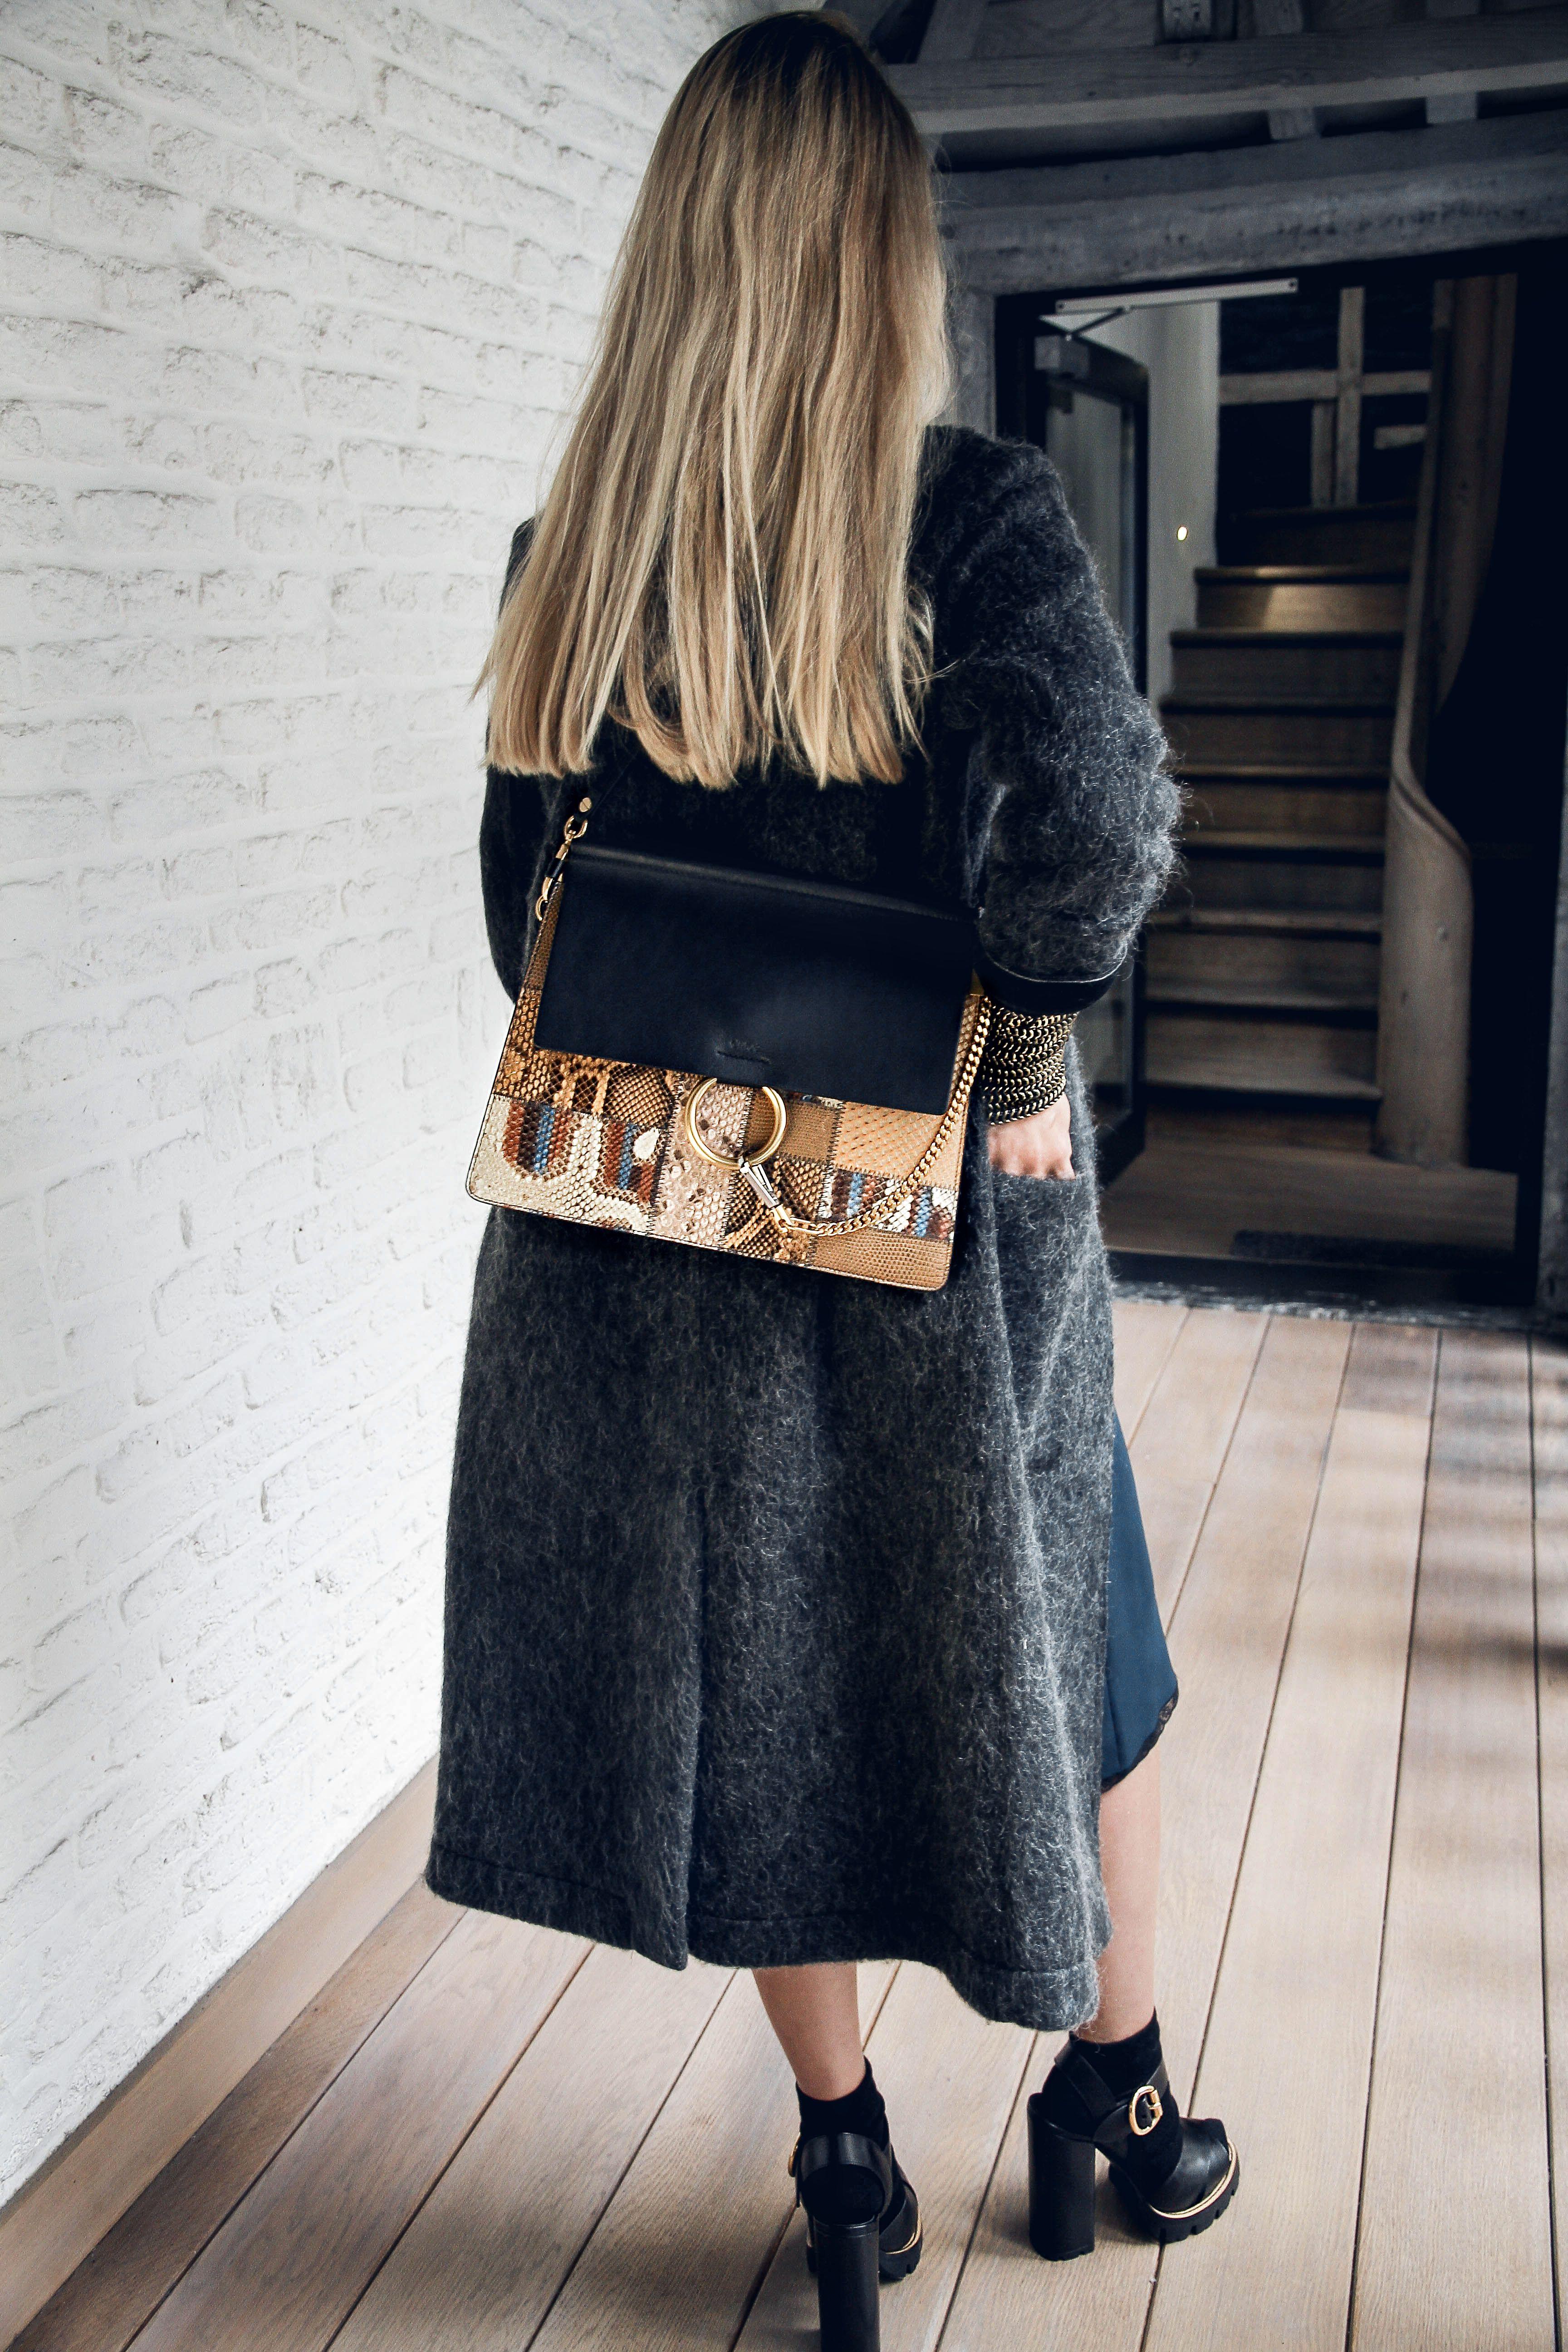 Milkywaysblueyes et le sac Chloe Faye en Patchwork python et cuir noir chez  Irina Khä de5b99e9d67